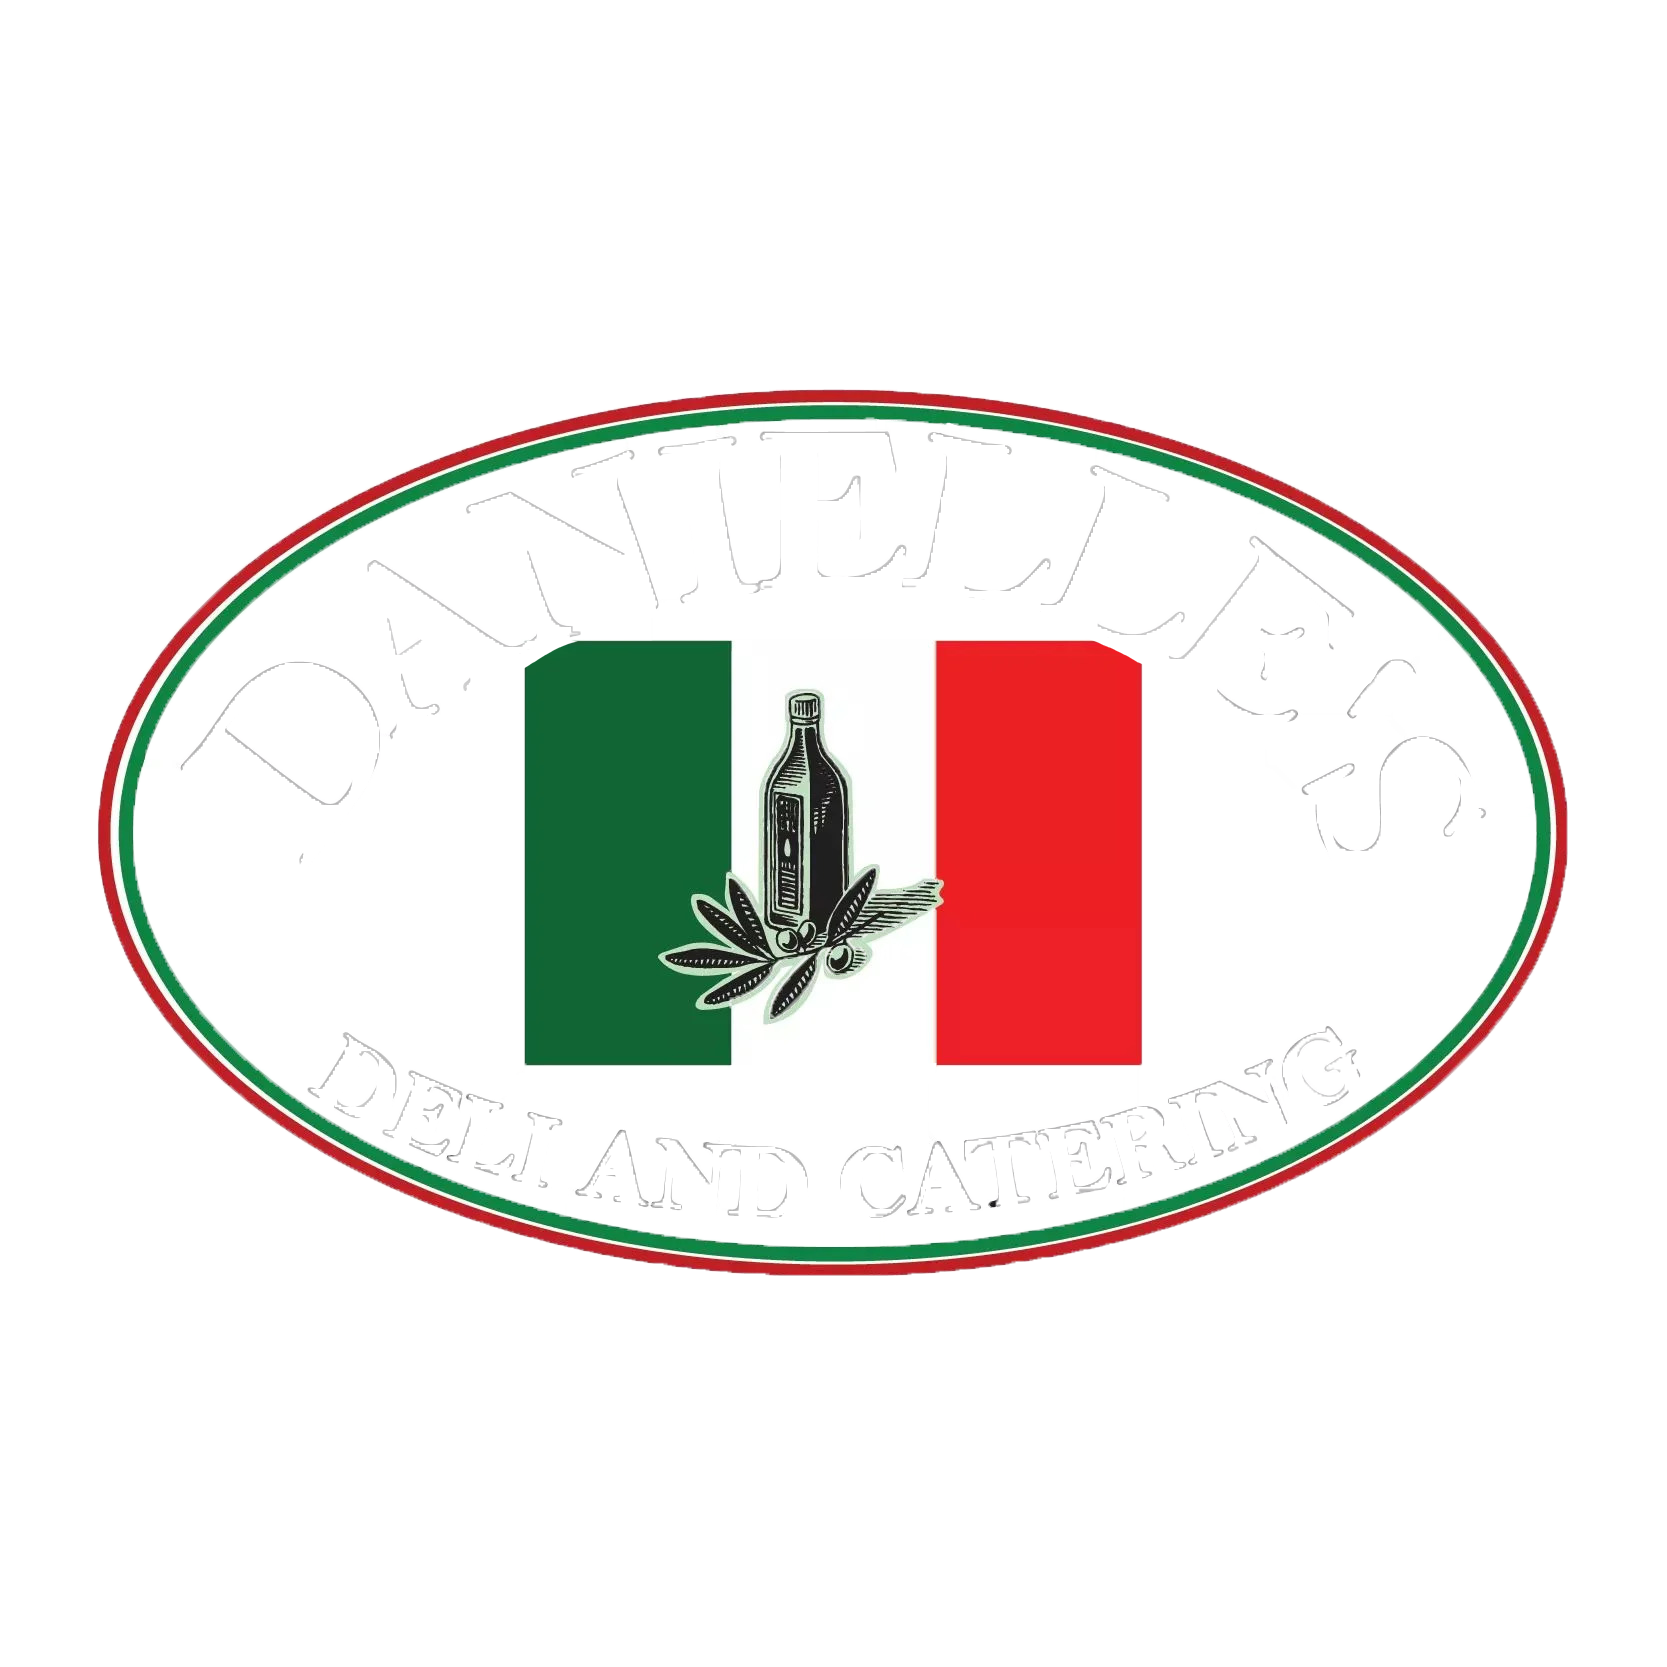 Danielle's Deli and Catering